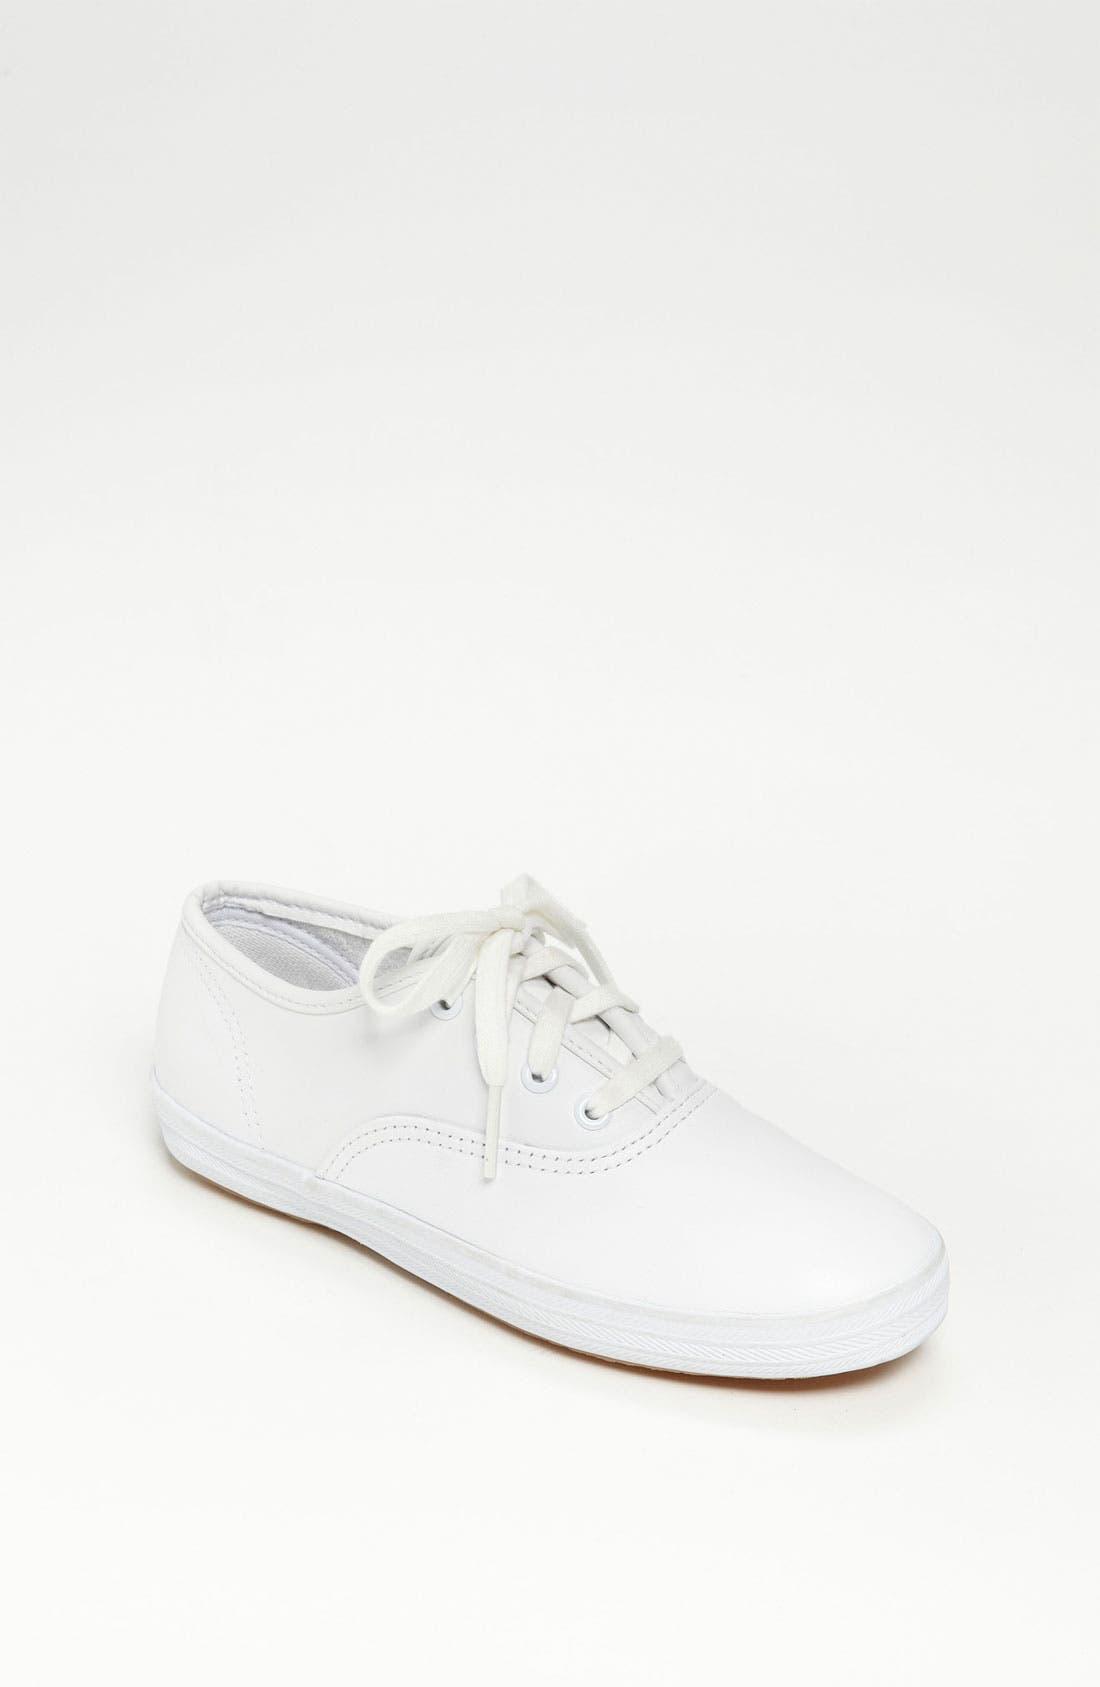 KEDS<SUP>®</SUP>, 'Champion' Sneaker, Main thumbnail 1, color, 101